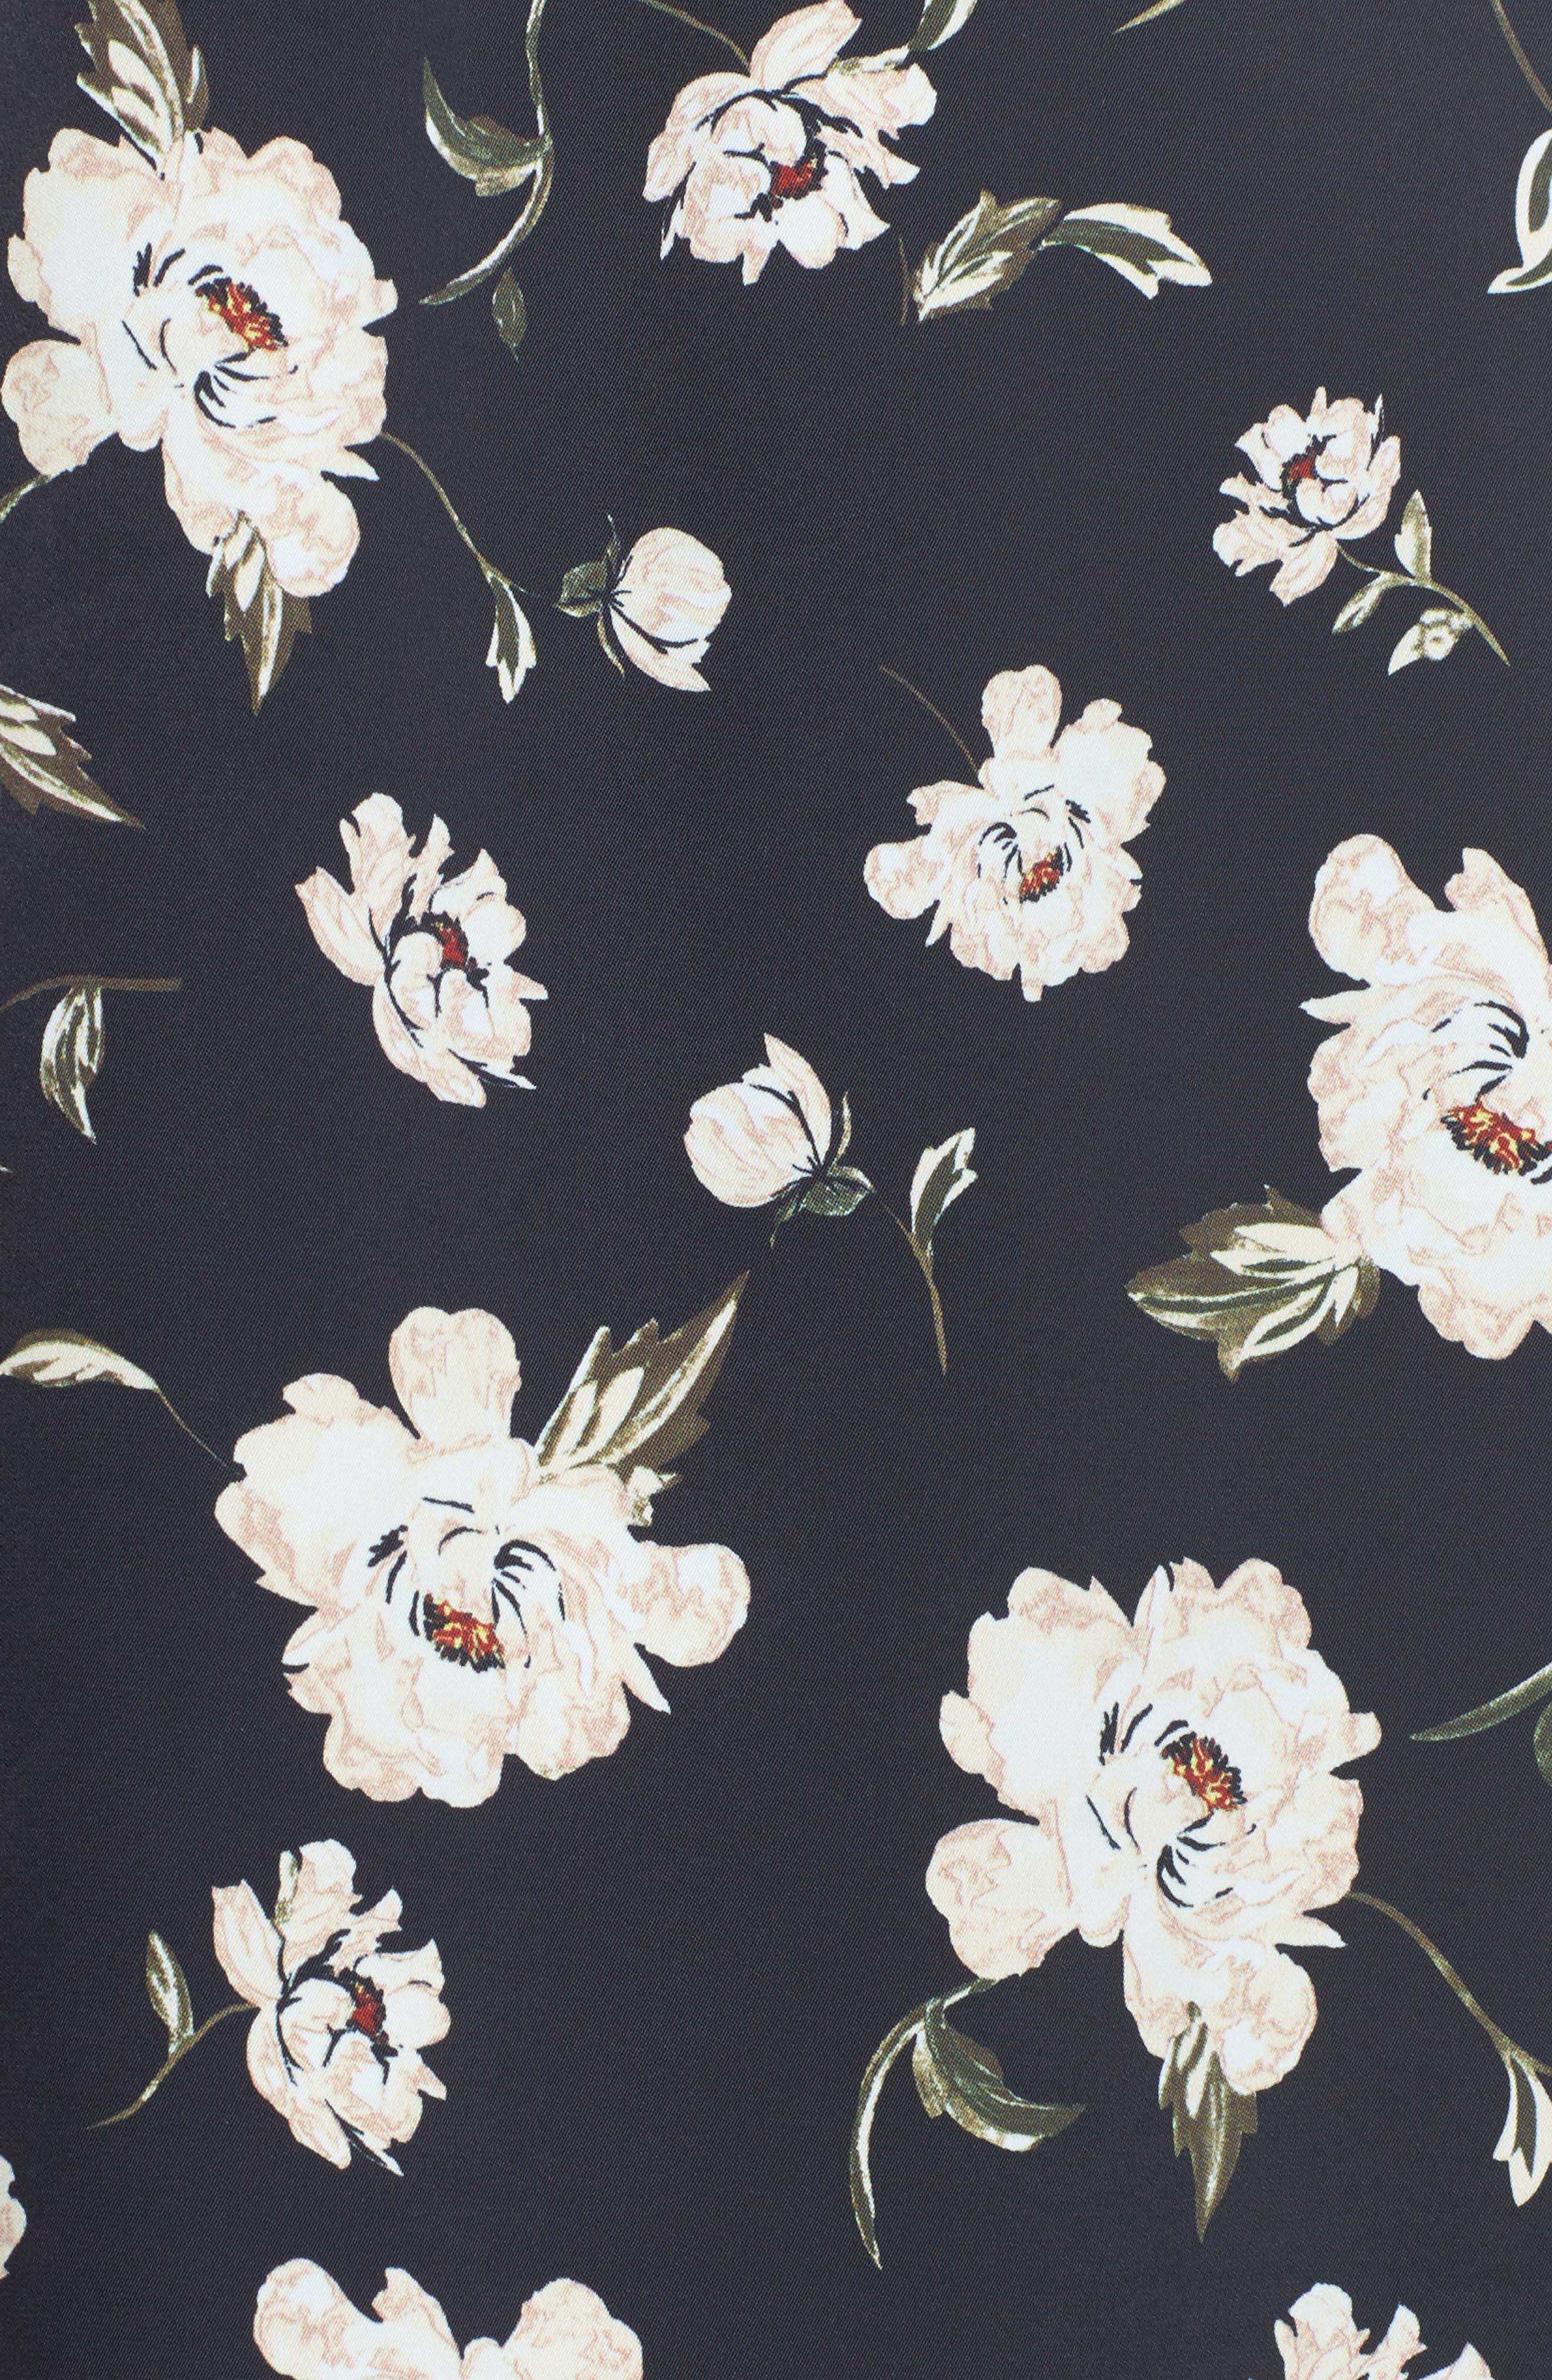 L'Academie The Shirt Dress Midi Dress,                             Alternate thumbnail 5, color,                             Romantic Floral